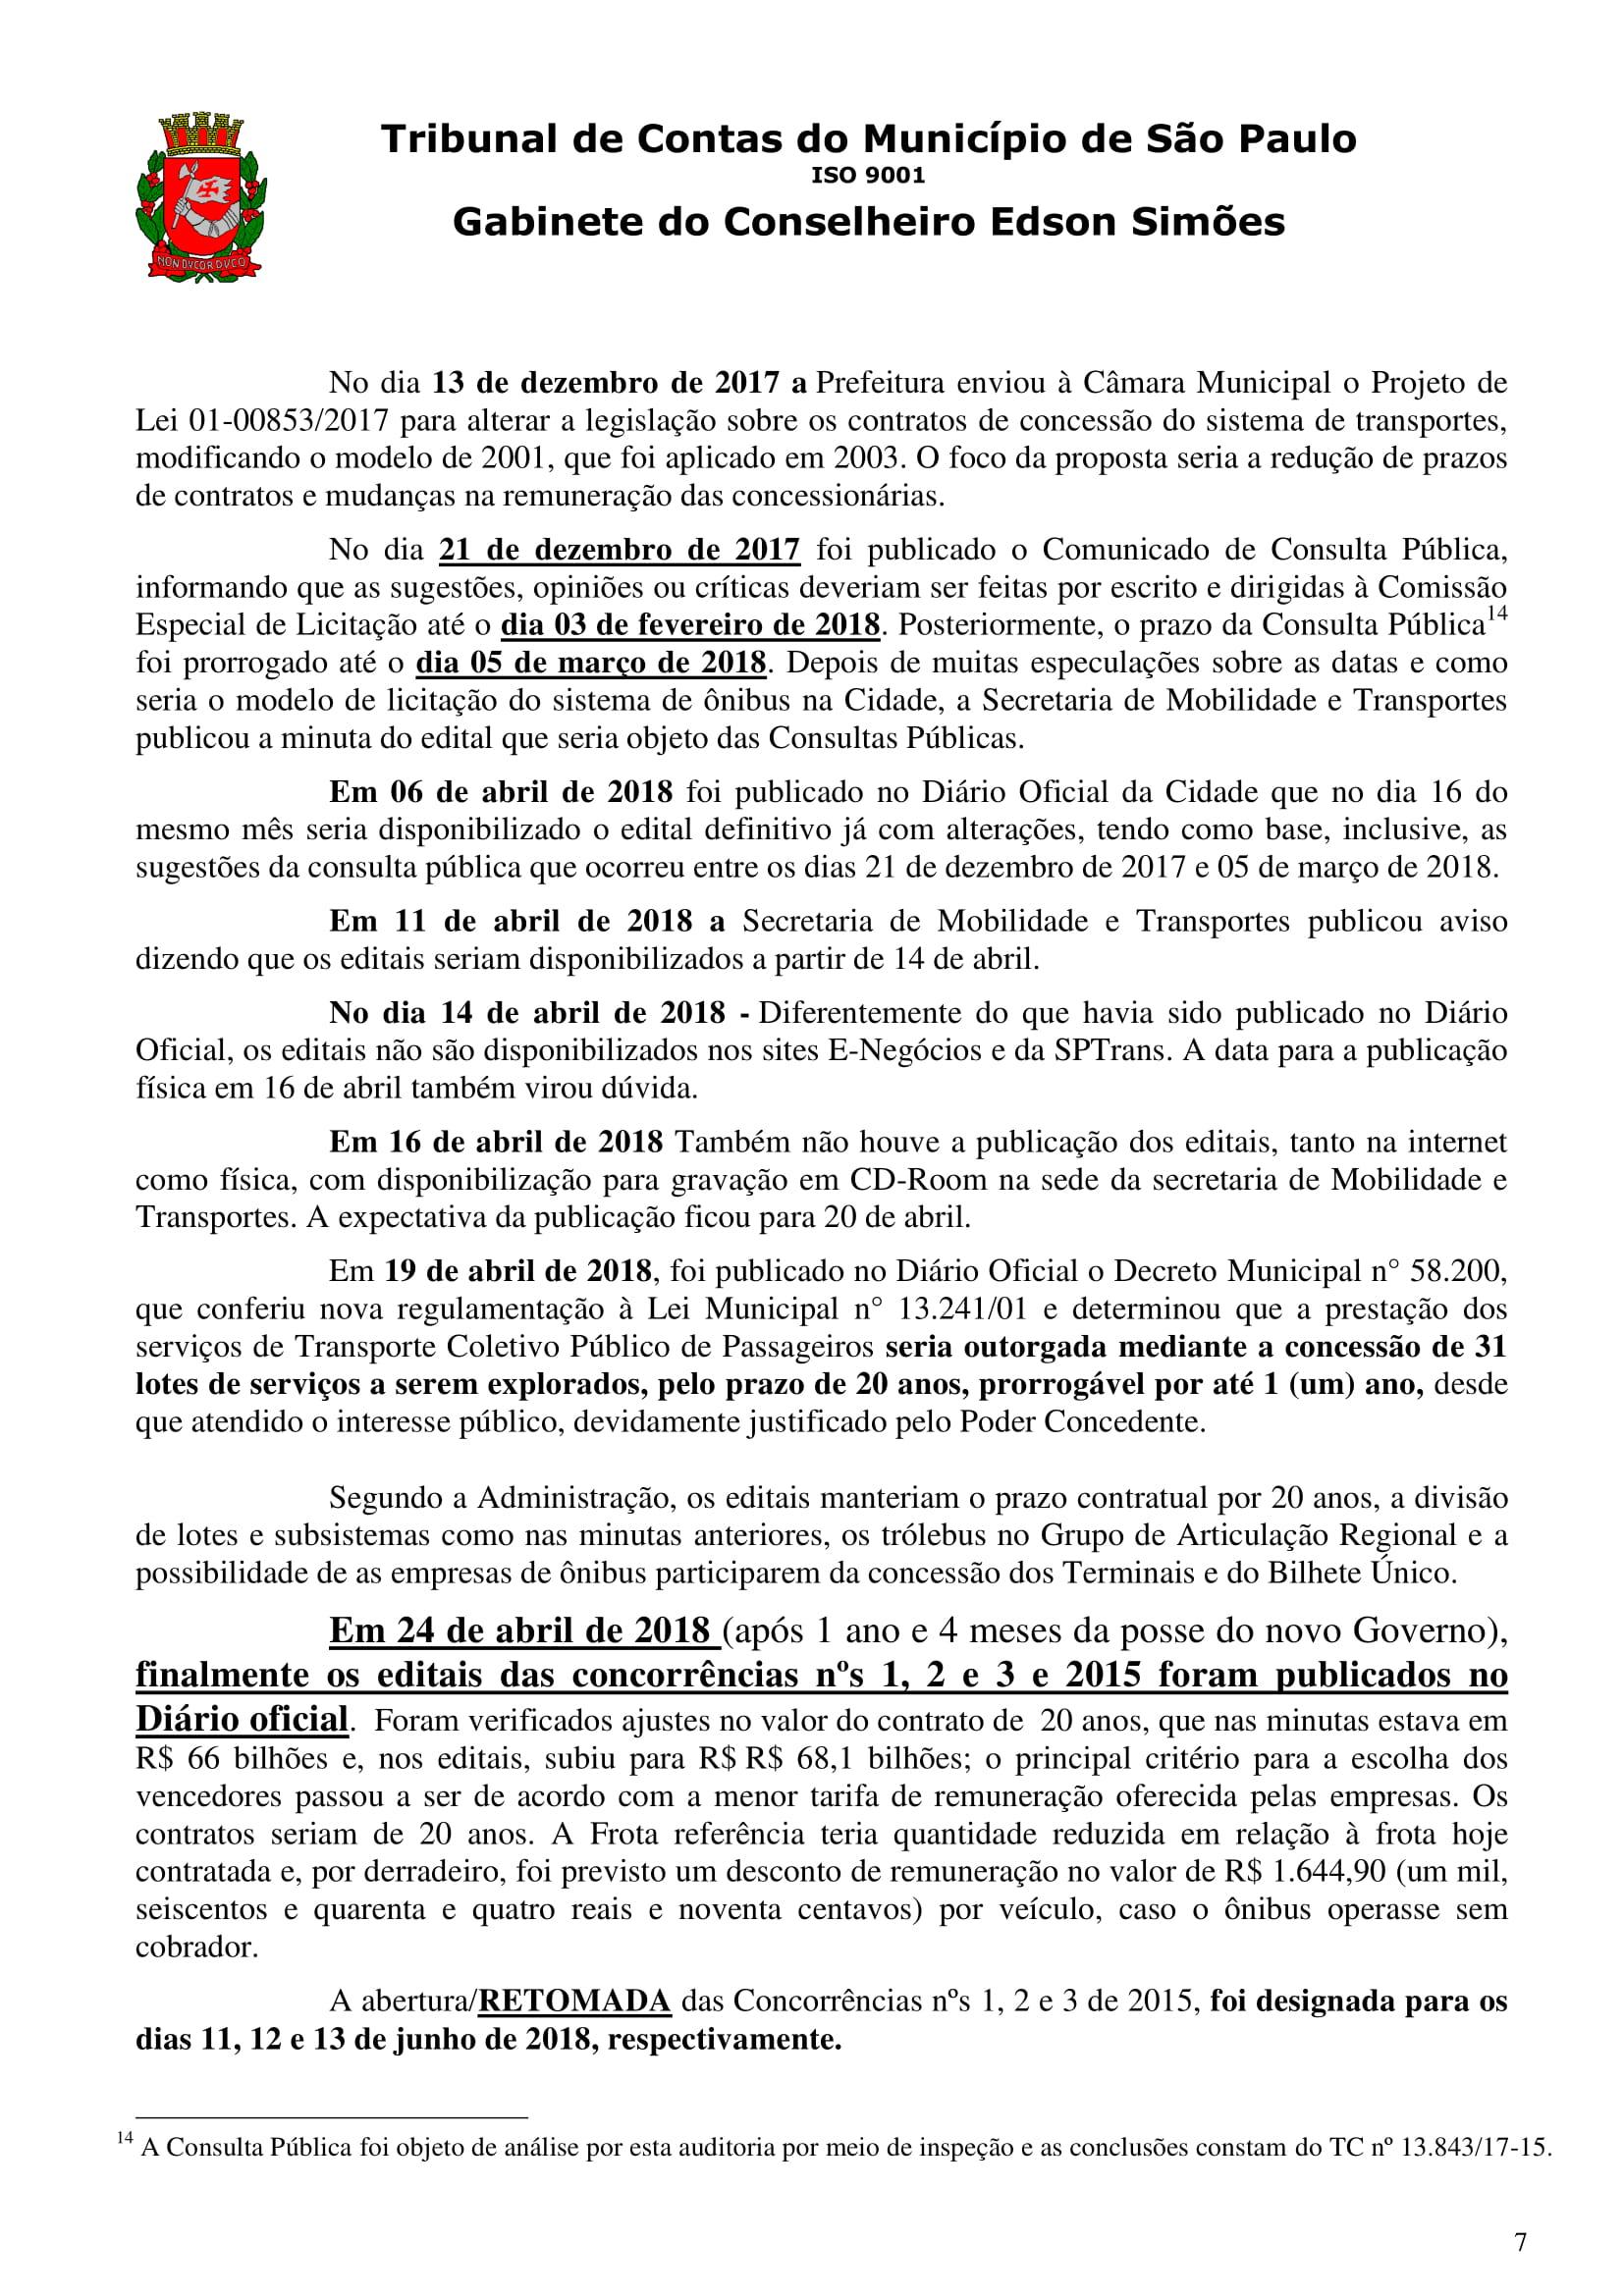 ofício-gb-2038-18 (Concessão Ônibus 2018) - SMT 08.08.18 - pdf-07